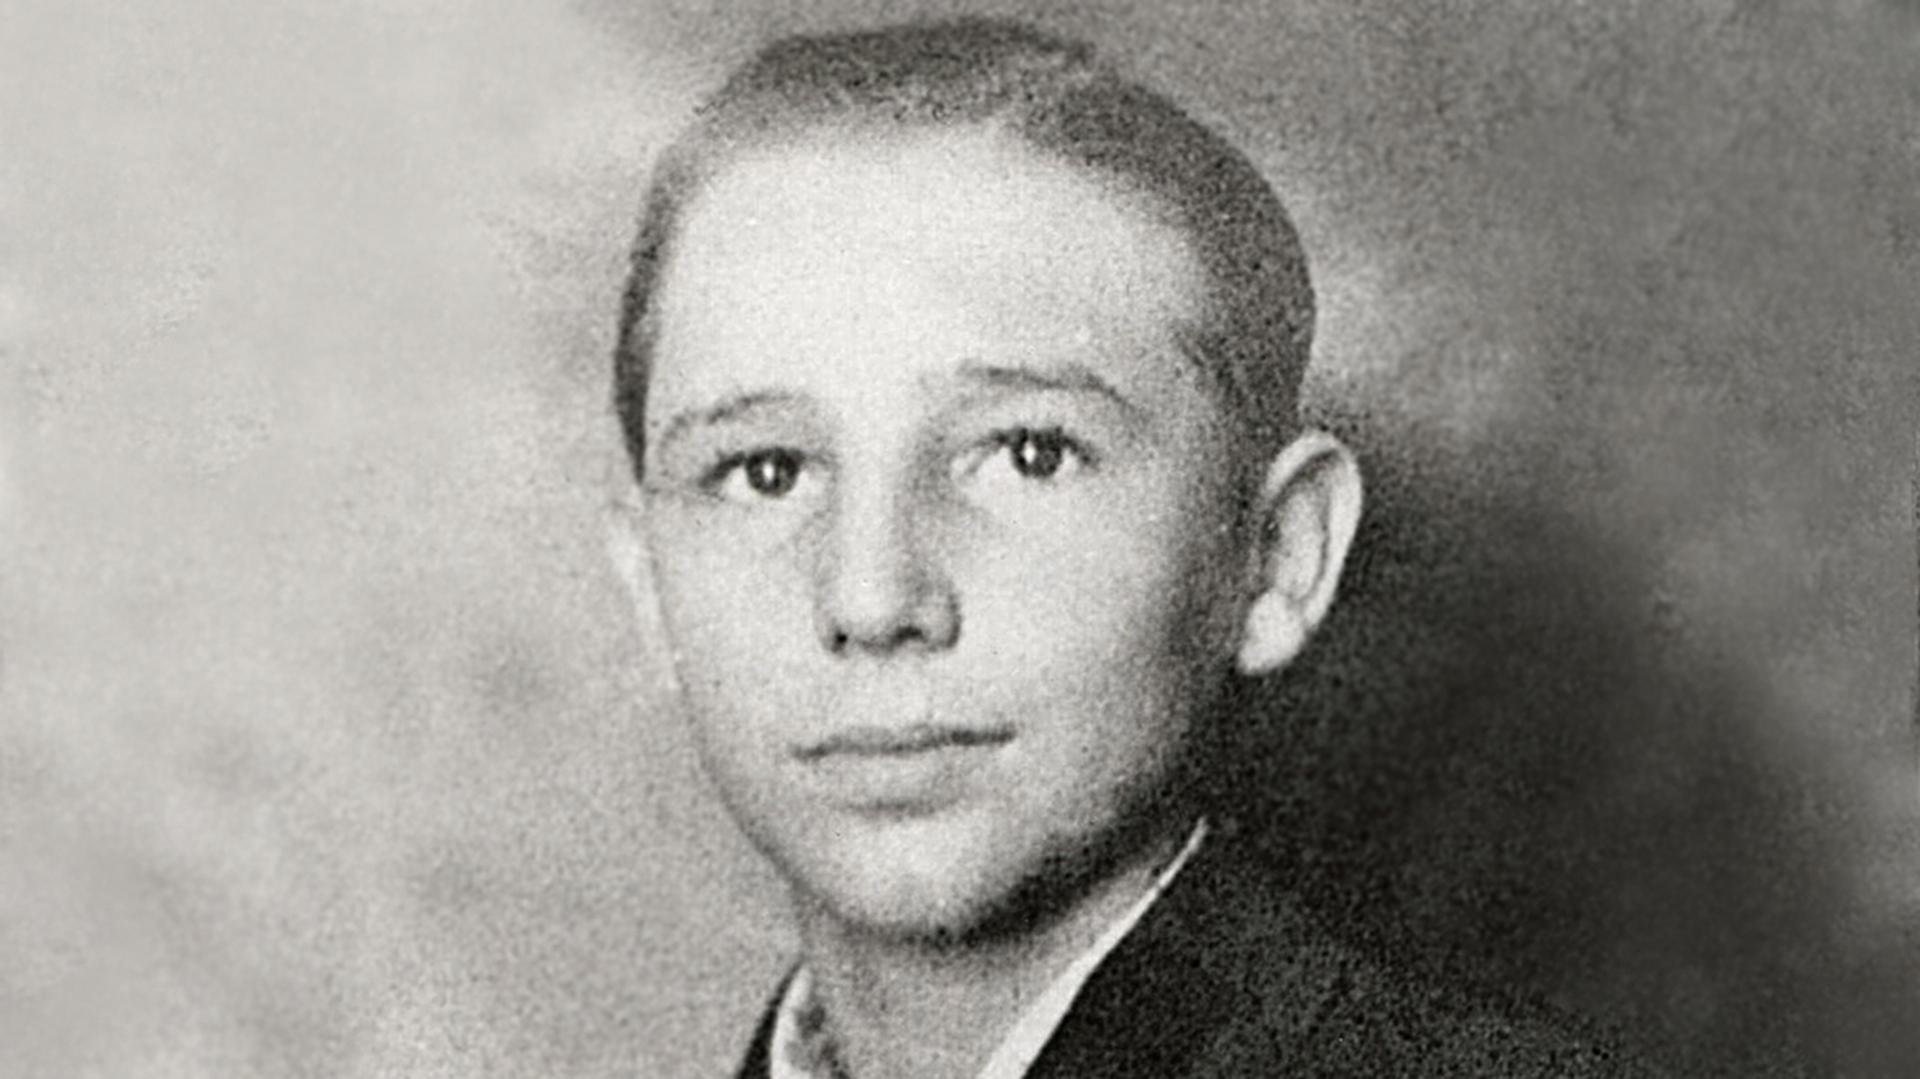 Fidel Castro en su juventud